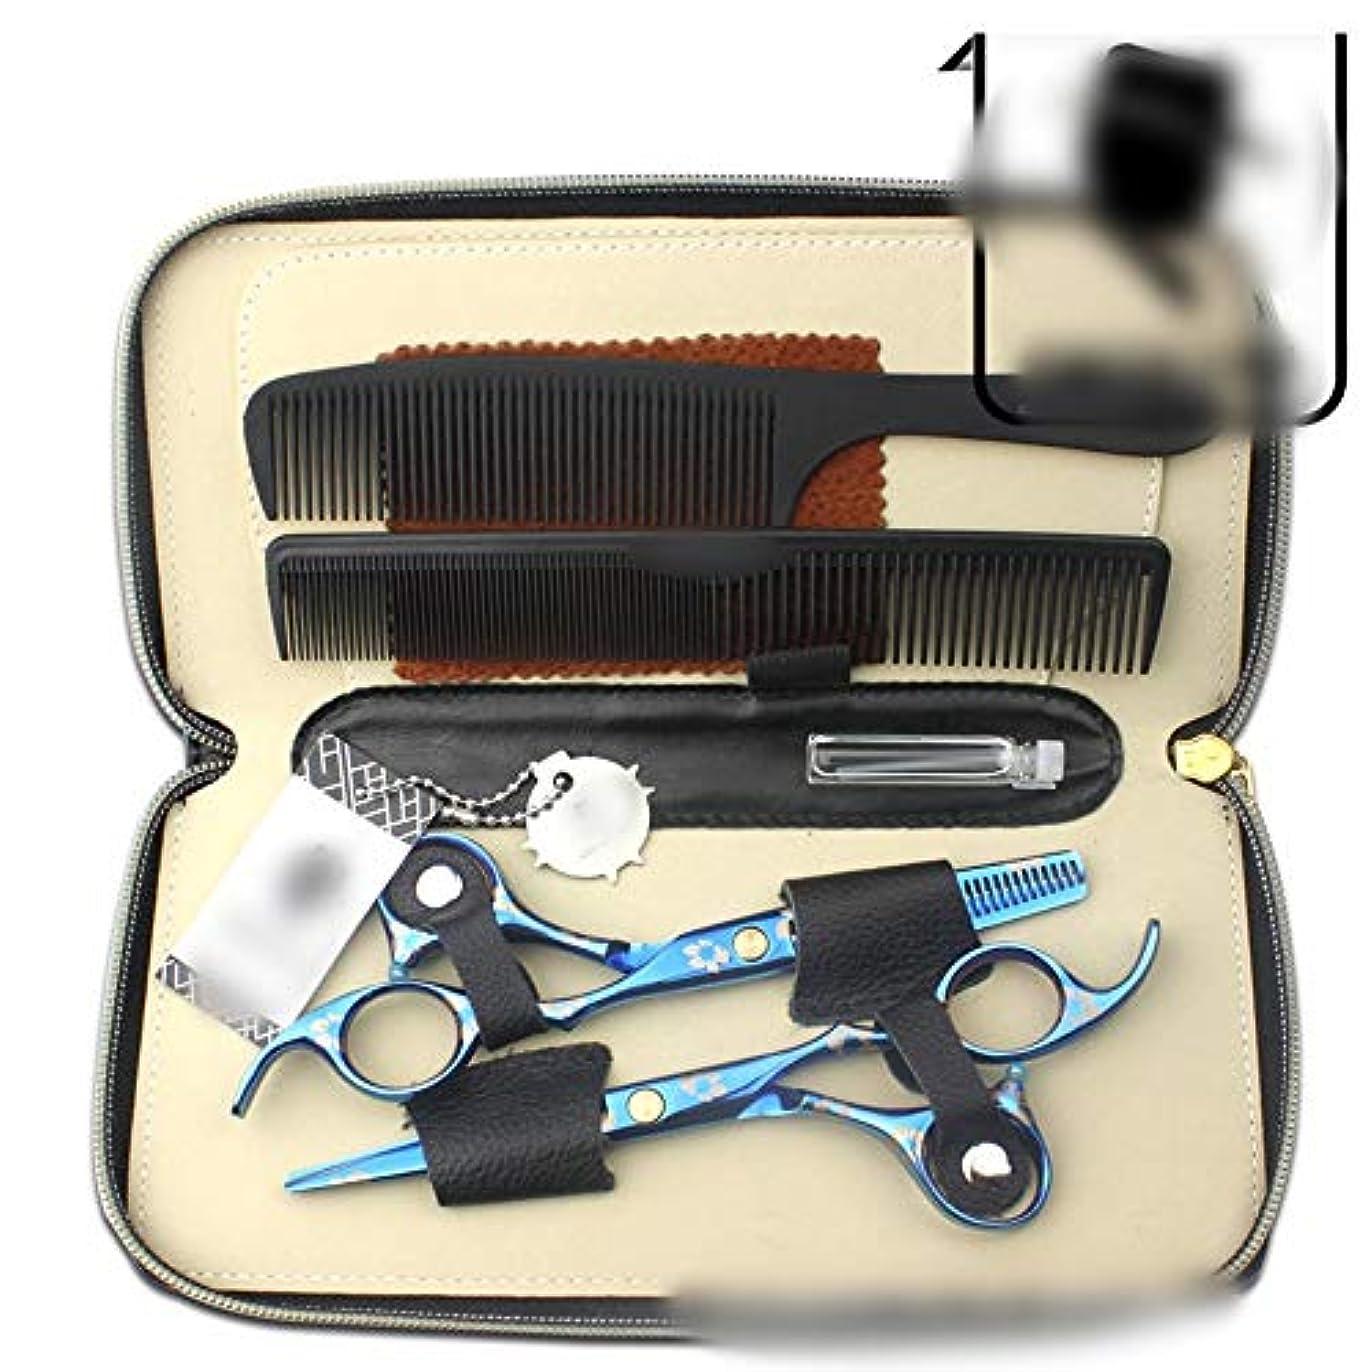 狂ったパーツプレビスサイト6.0インチのヘアカラーはさみセット、ブルーチェリープロ理髪ツールセット ヘアケア (色 : 青)